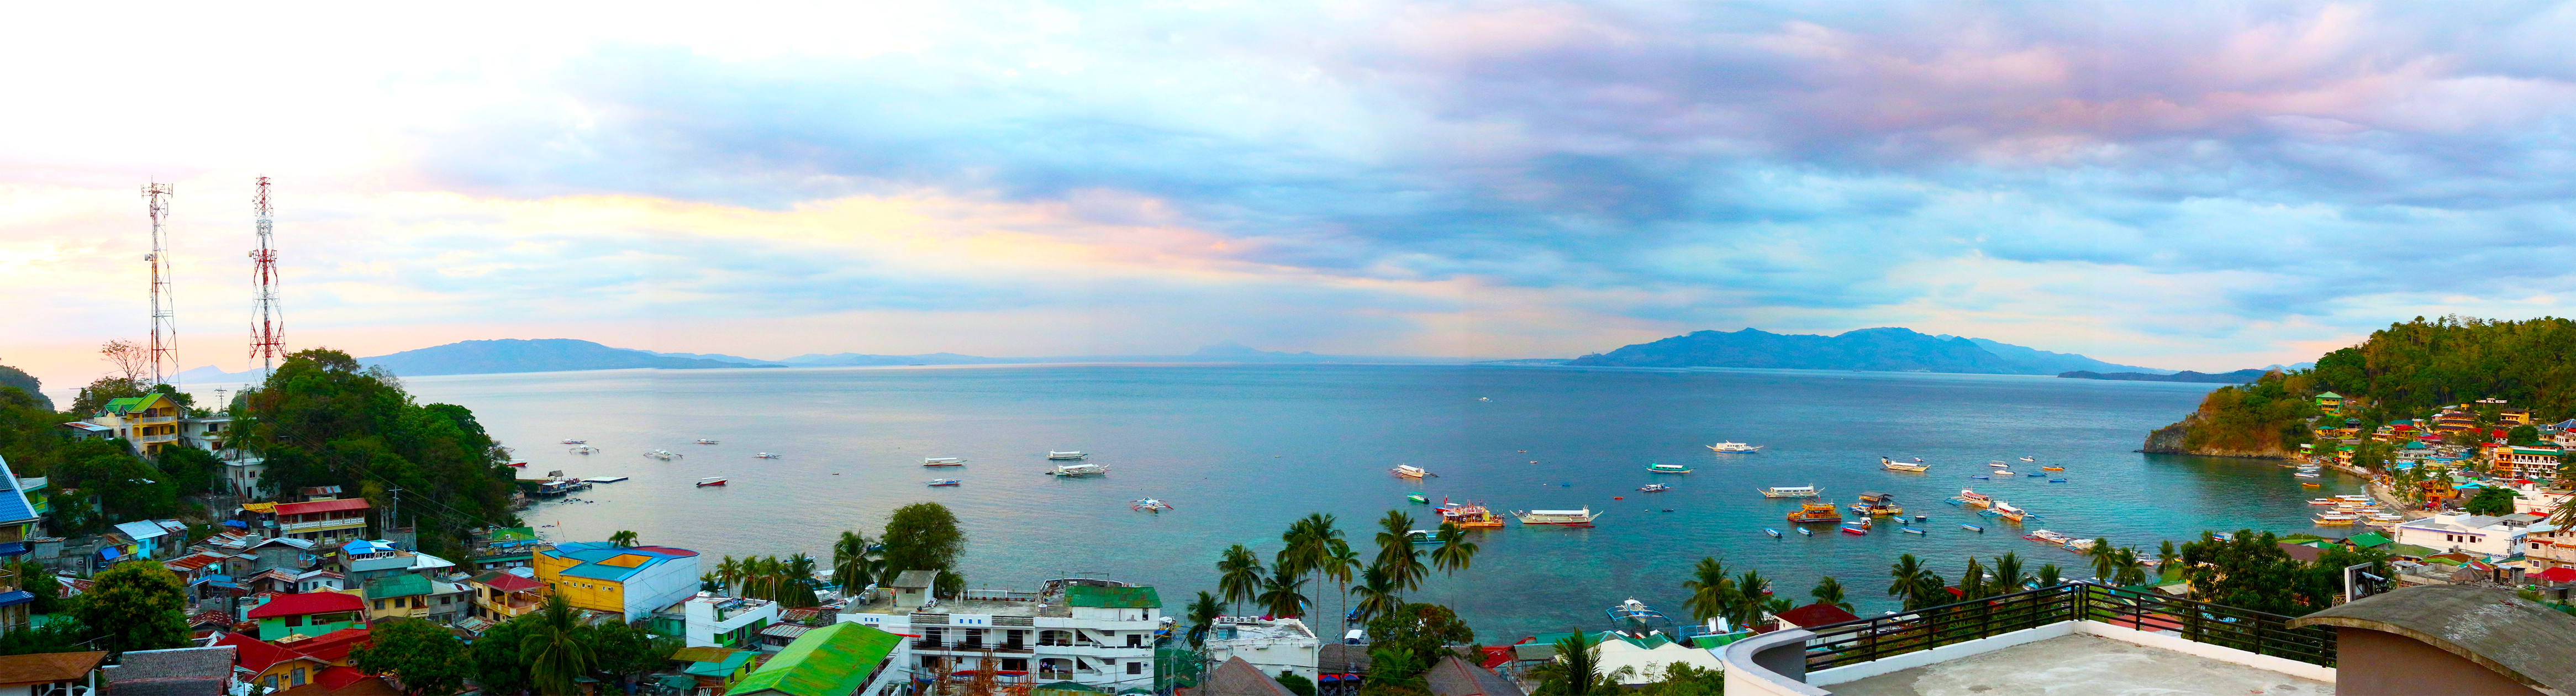 seaview-panorama-fb